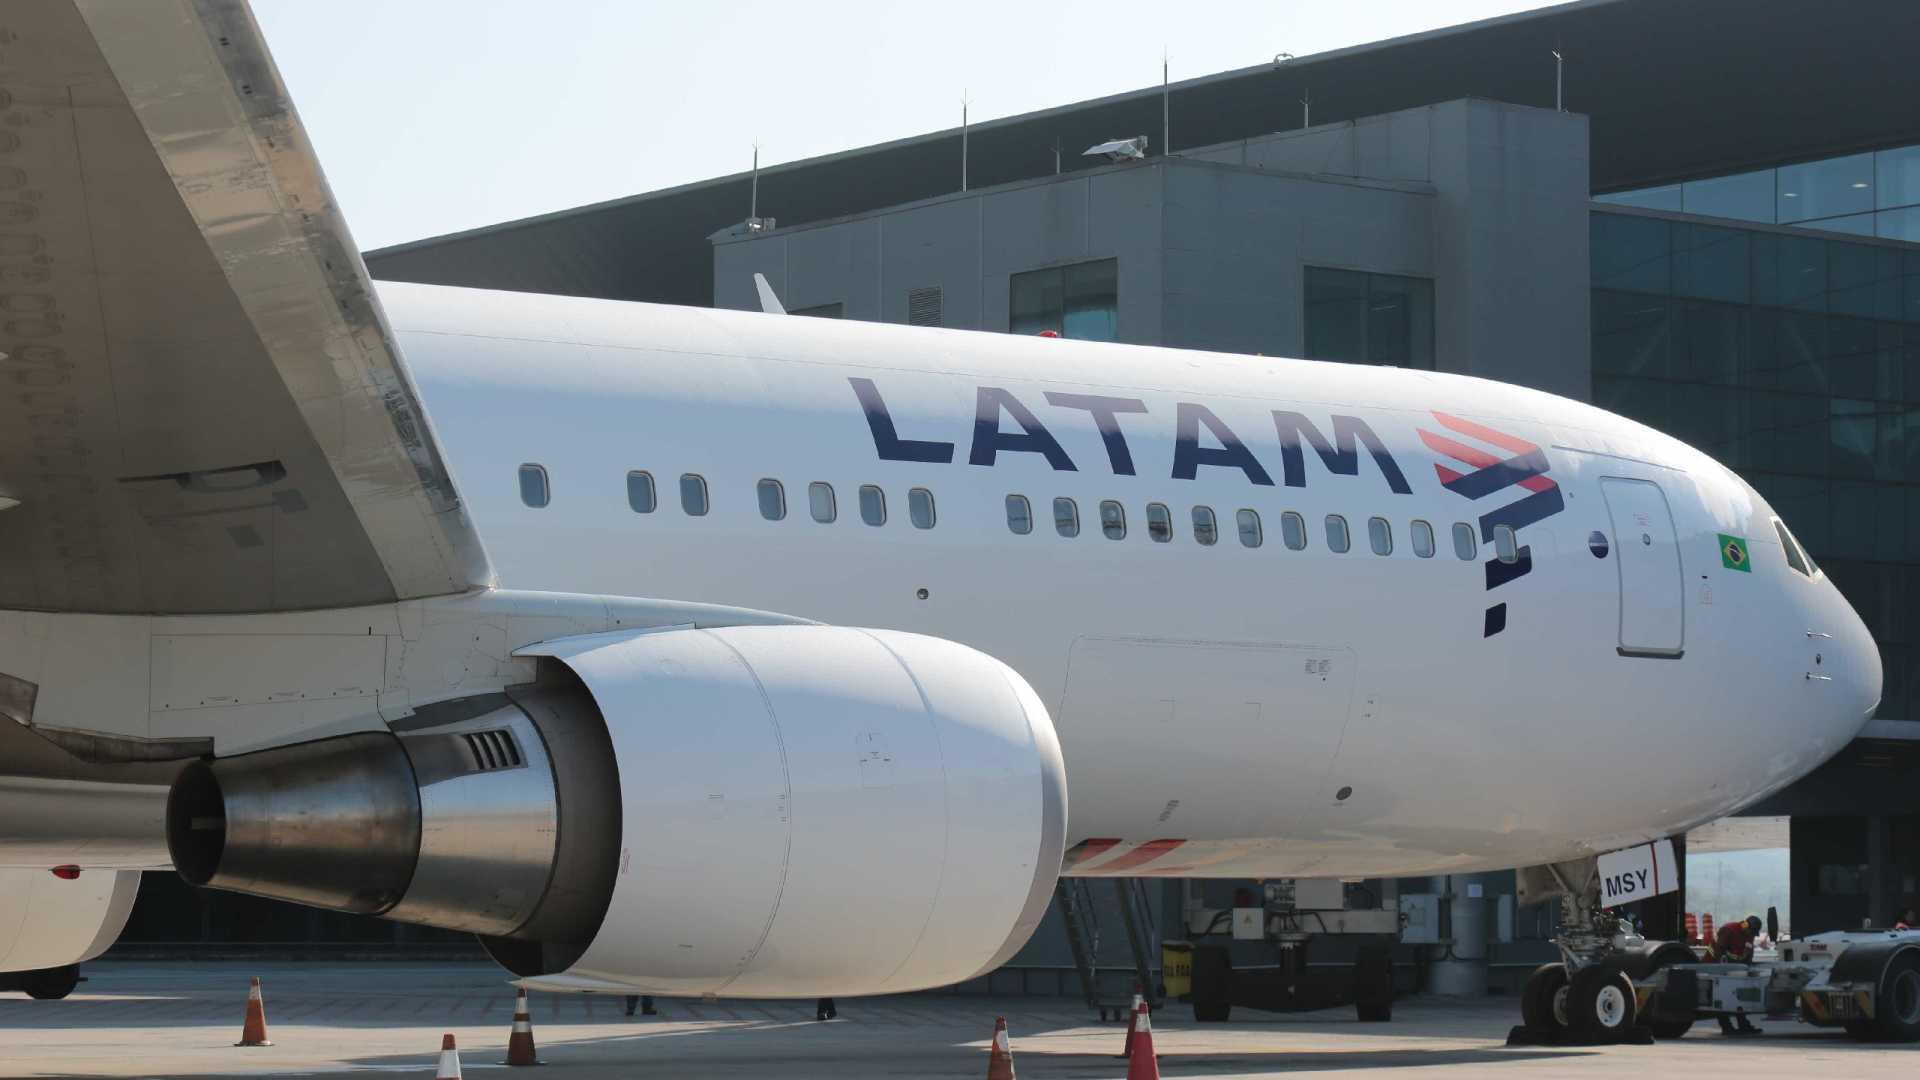 voo latam - PROBLEMAS TÉCNICOS: Voo da Latam tem problemas e retorna a aeroporto após decolagem